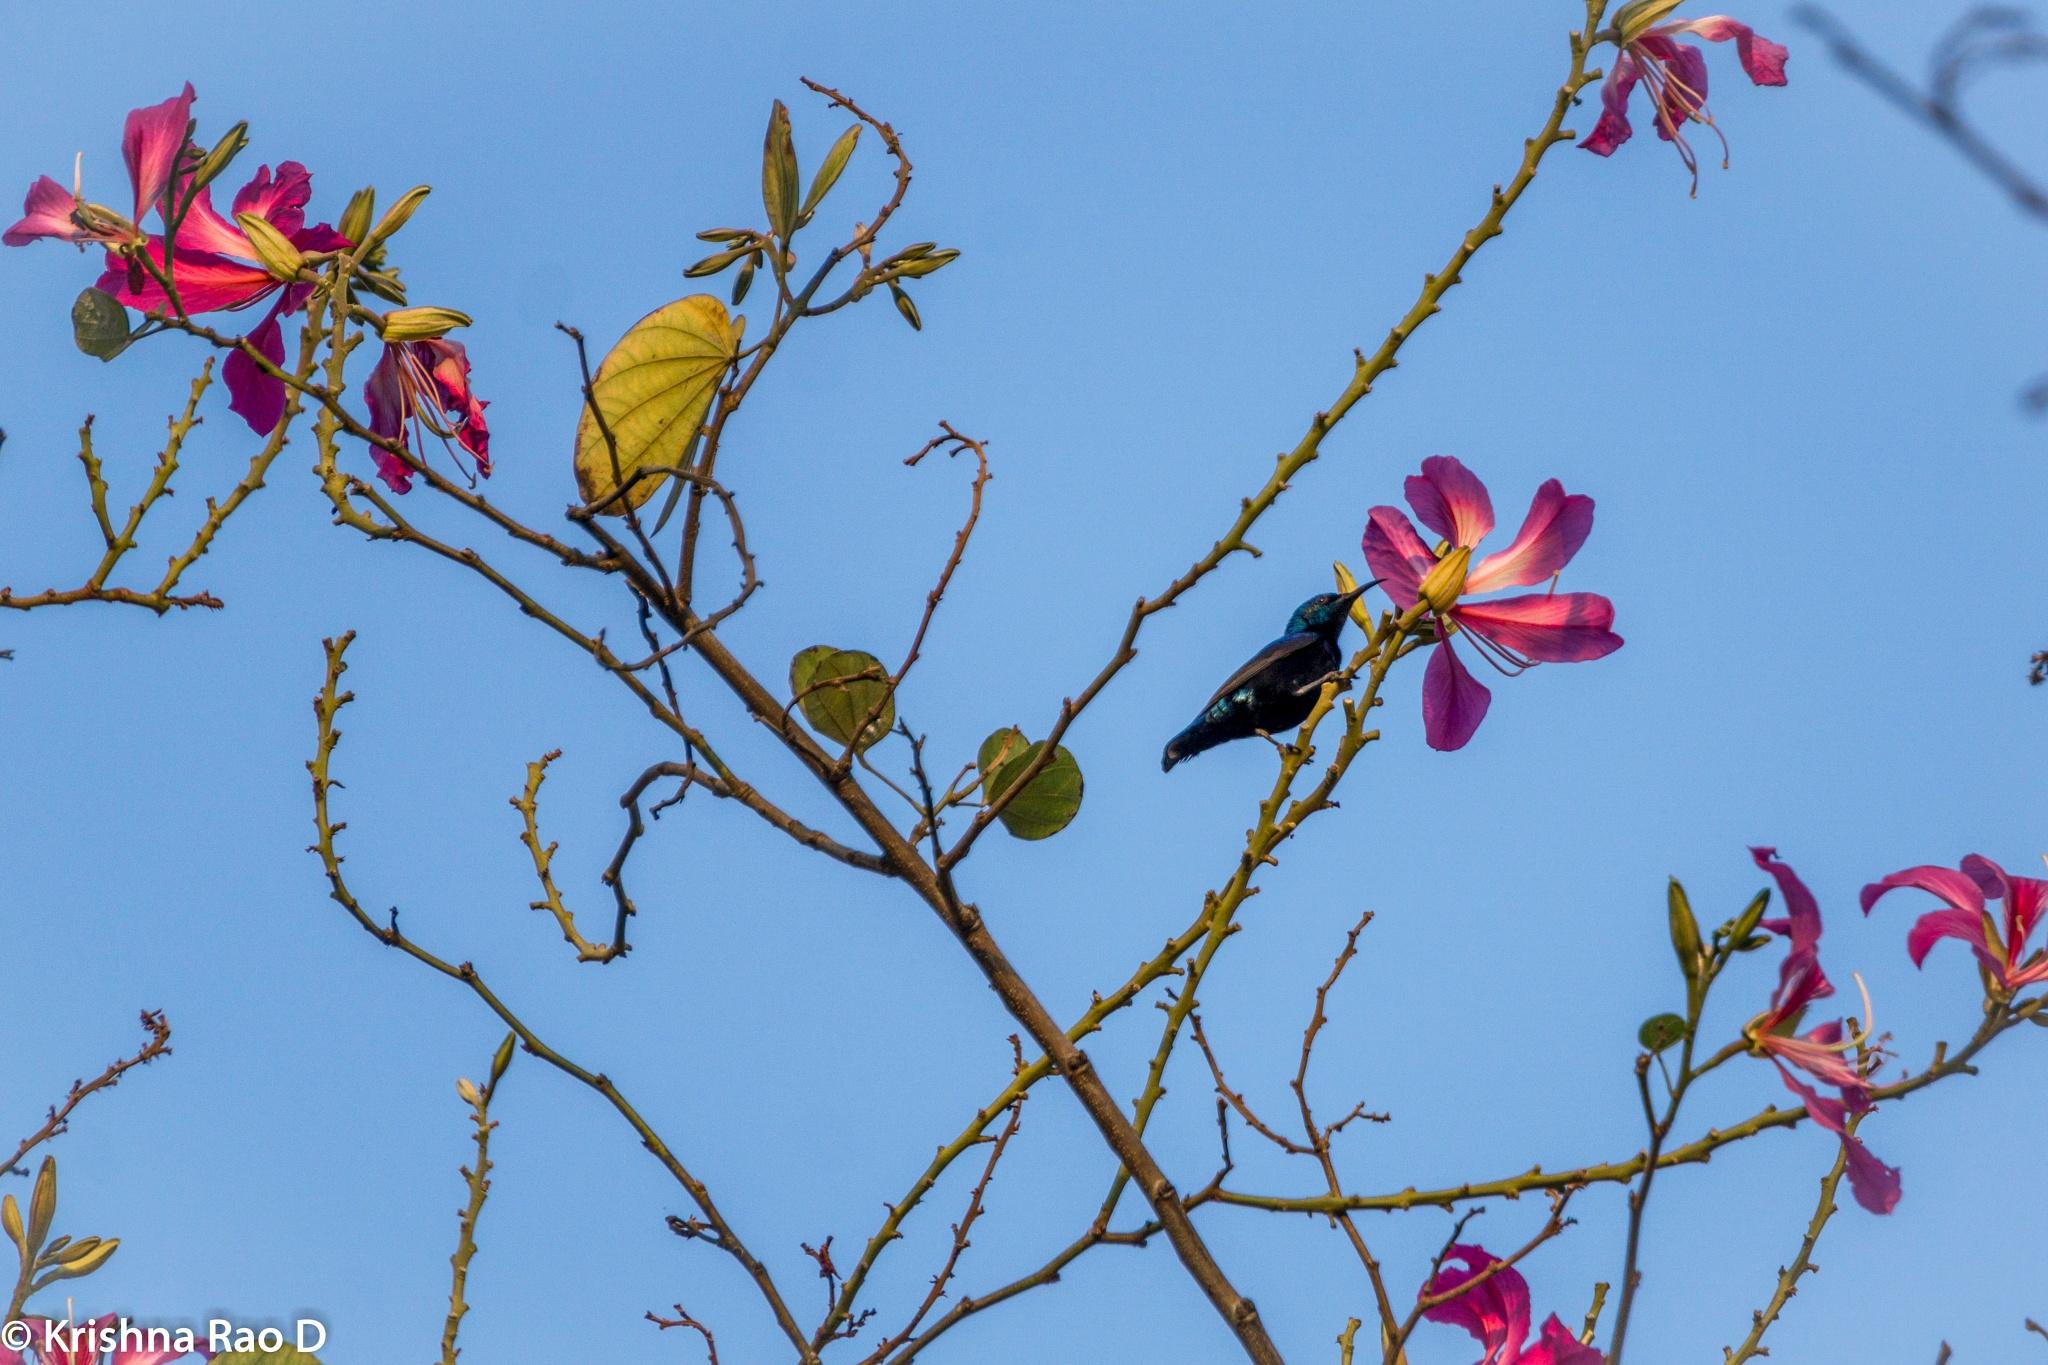 hummingbird by Krishna Rao D